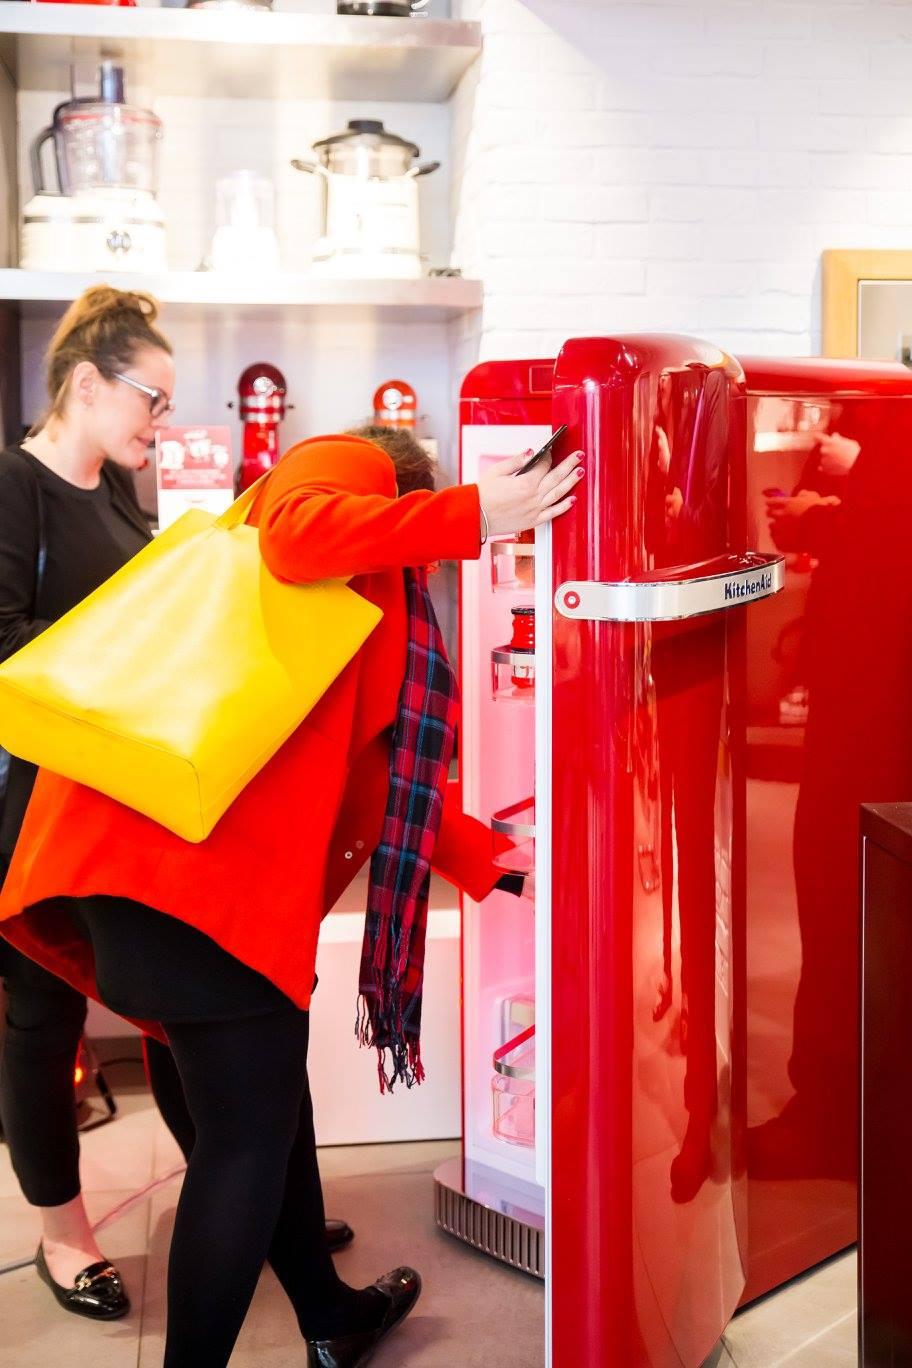 Kitchenaid Launches Iconic Fridge With Iconic Design